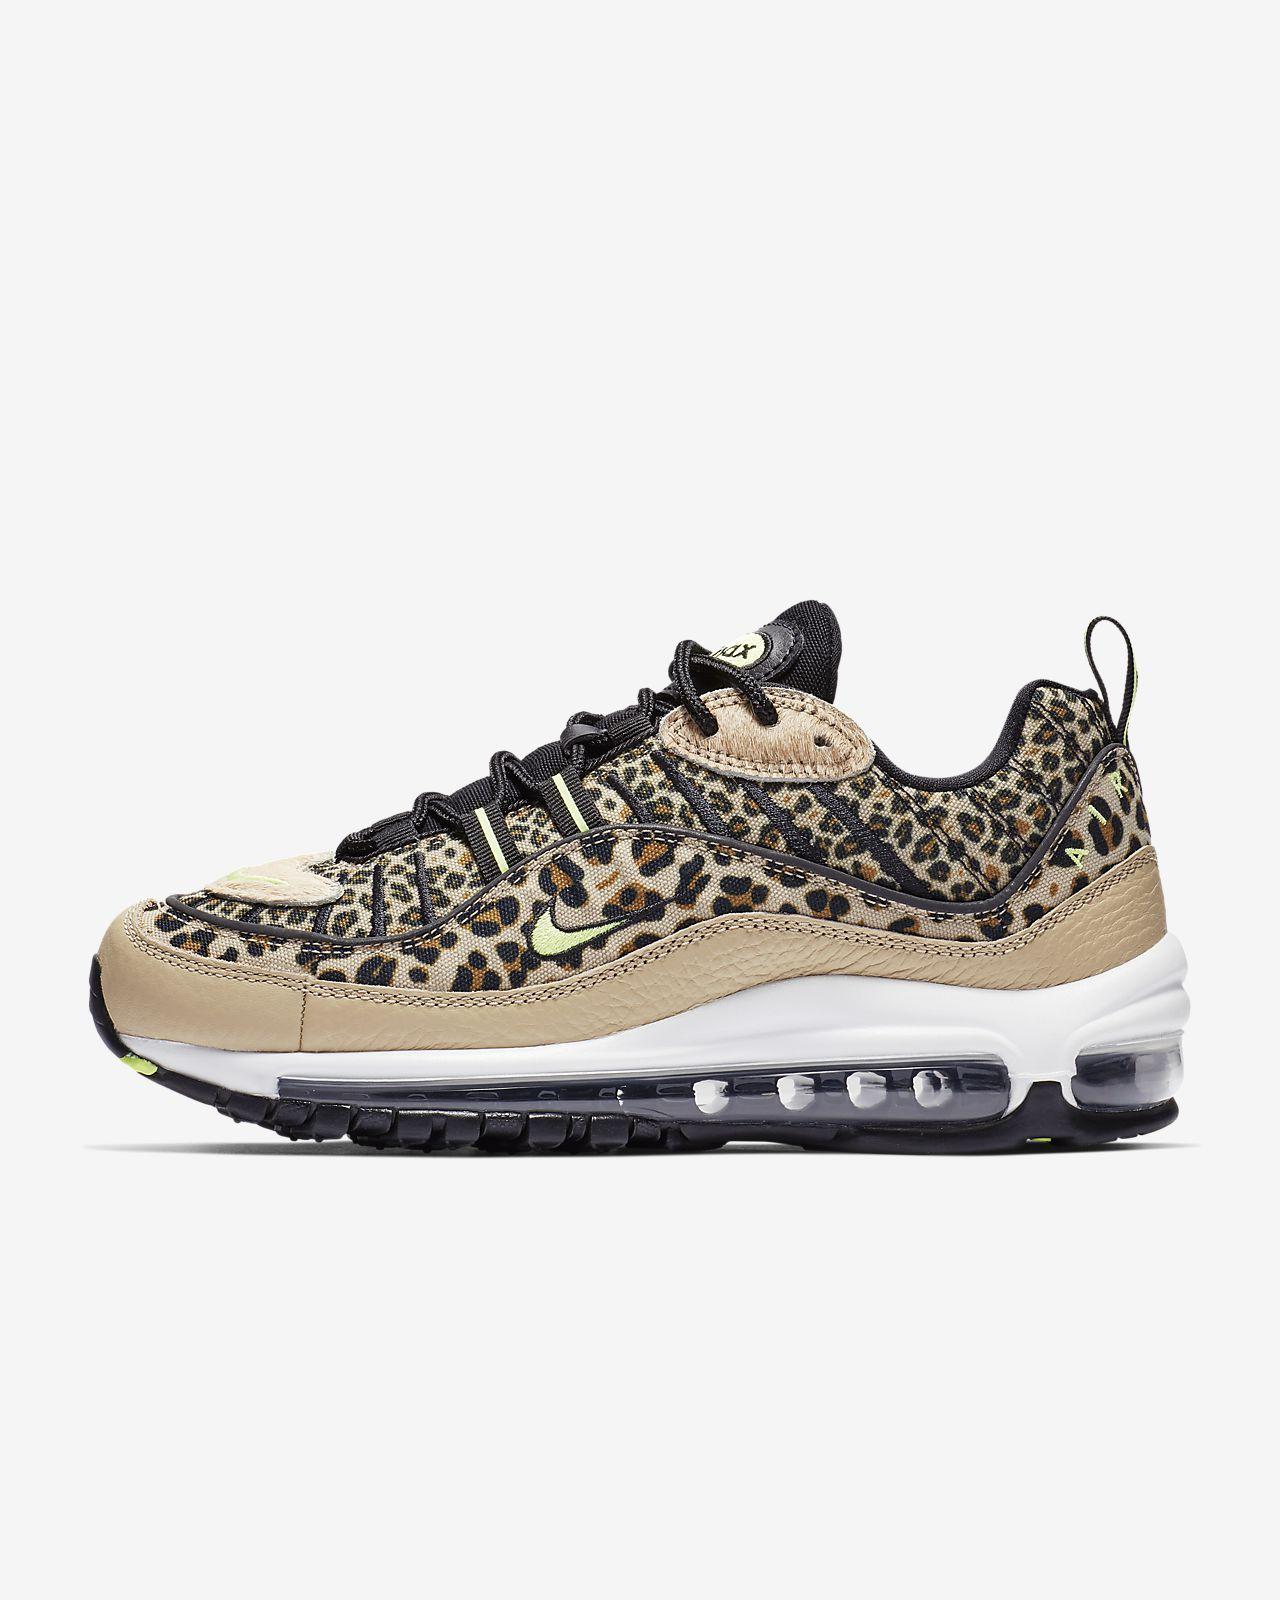 c836b65ebeb3 Air Max 98 Premium Animal Women s Shoe in 2019